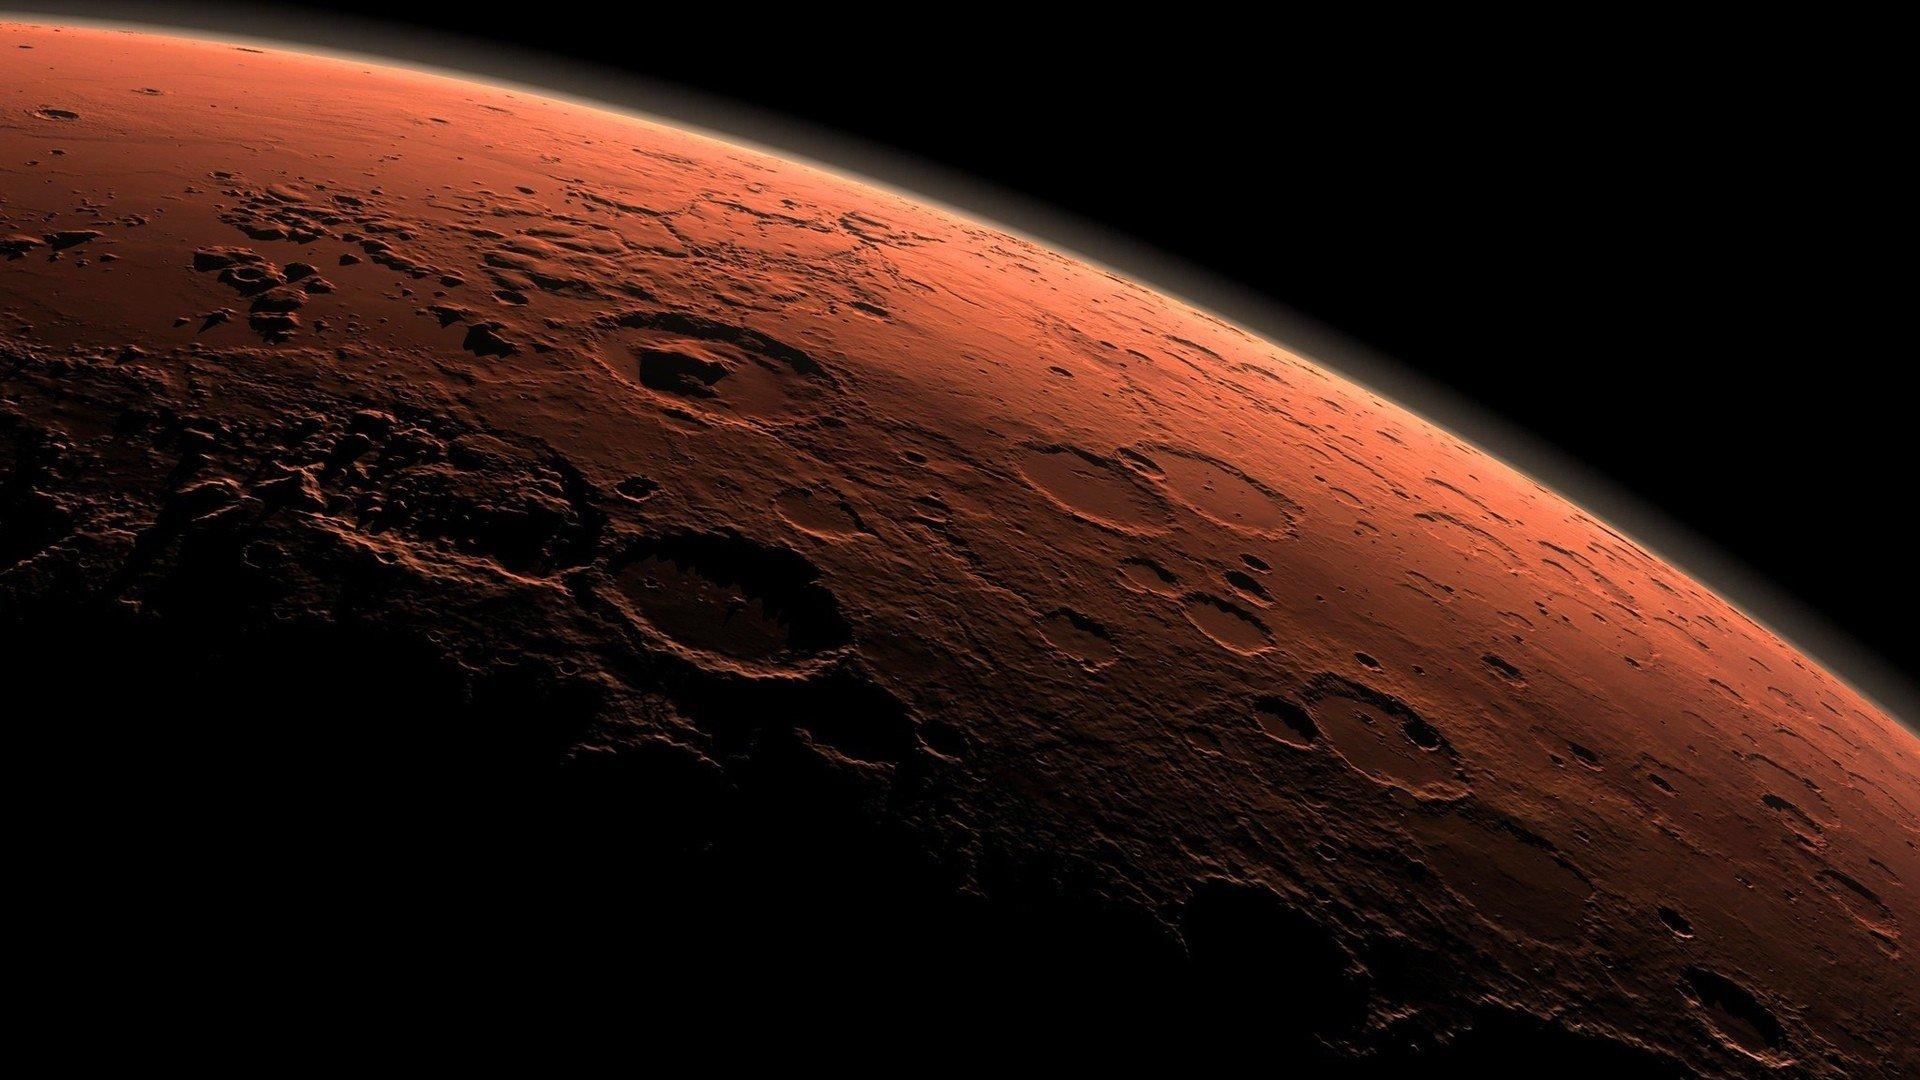 Ученые изЯпонии отправят наМарс миниатюрный спускаемый аппарат